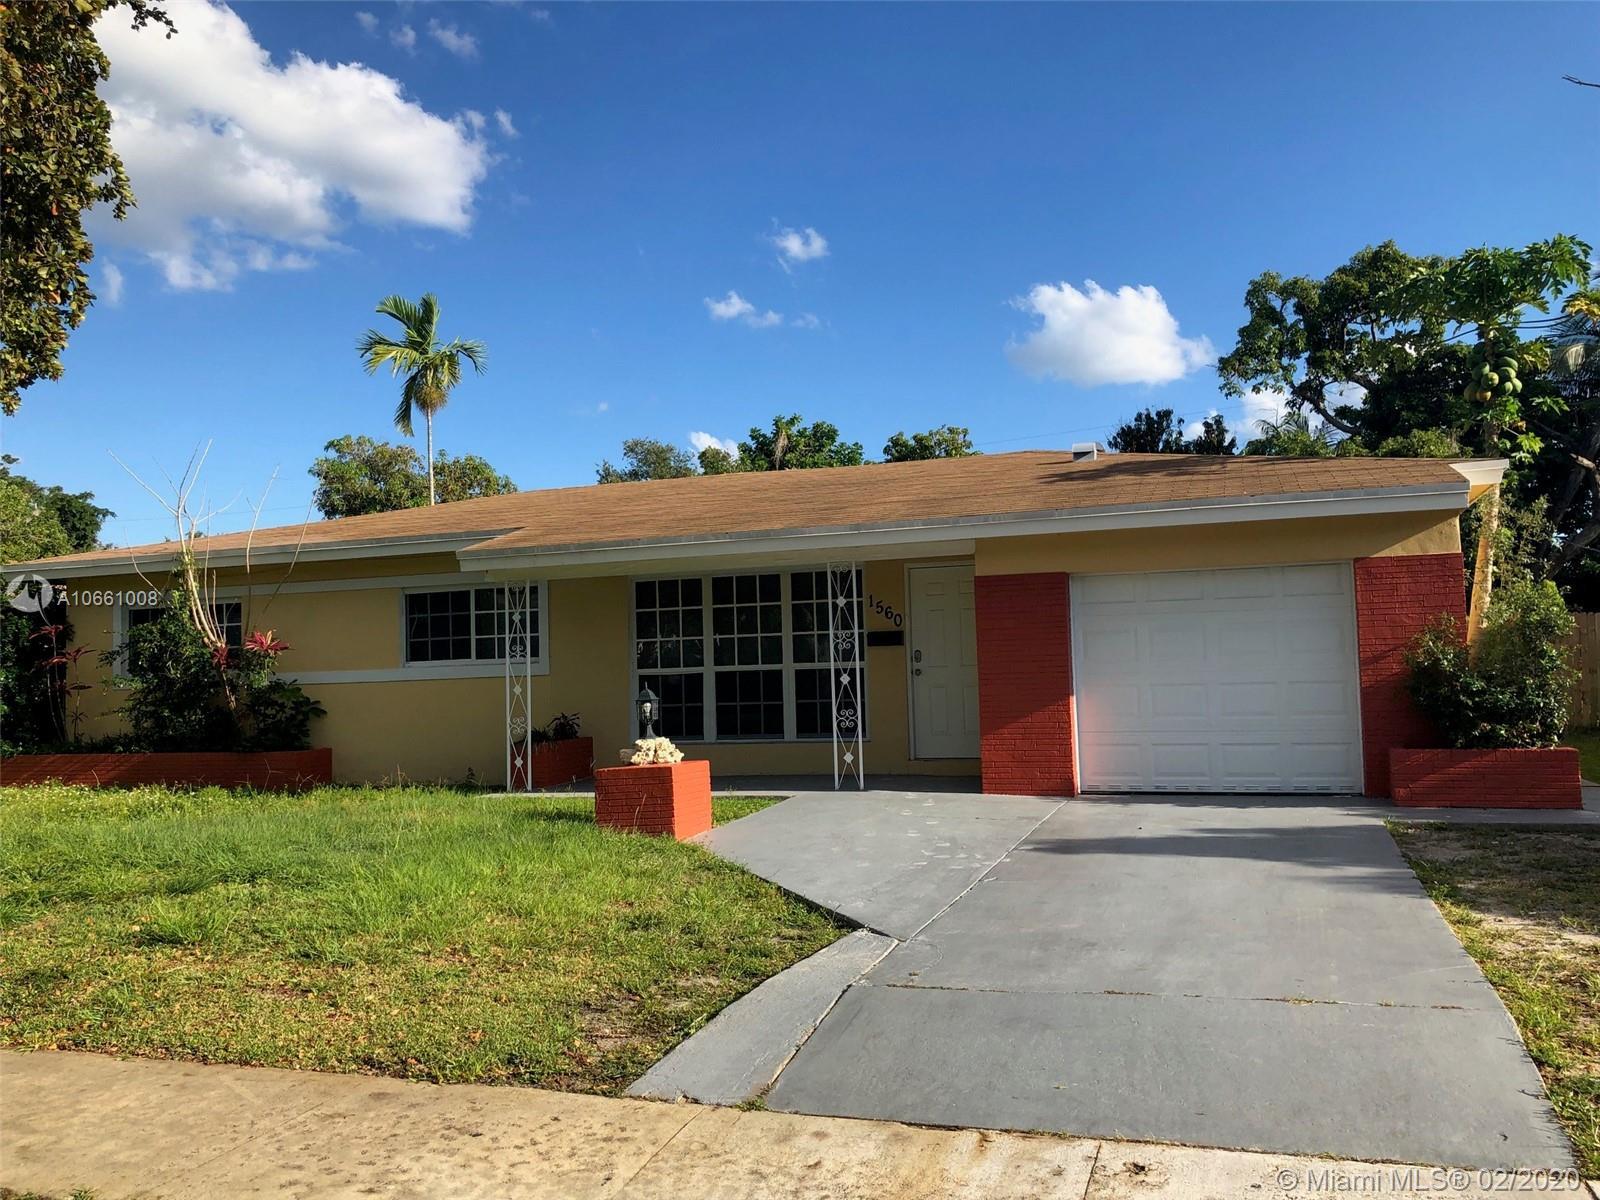 North Miami Beach - 1560 NE 159 St, North Miami Beach, FL 33162